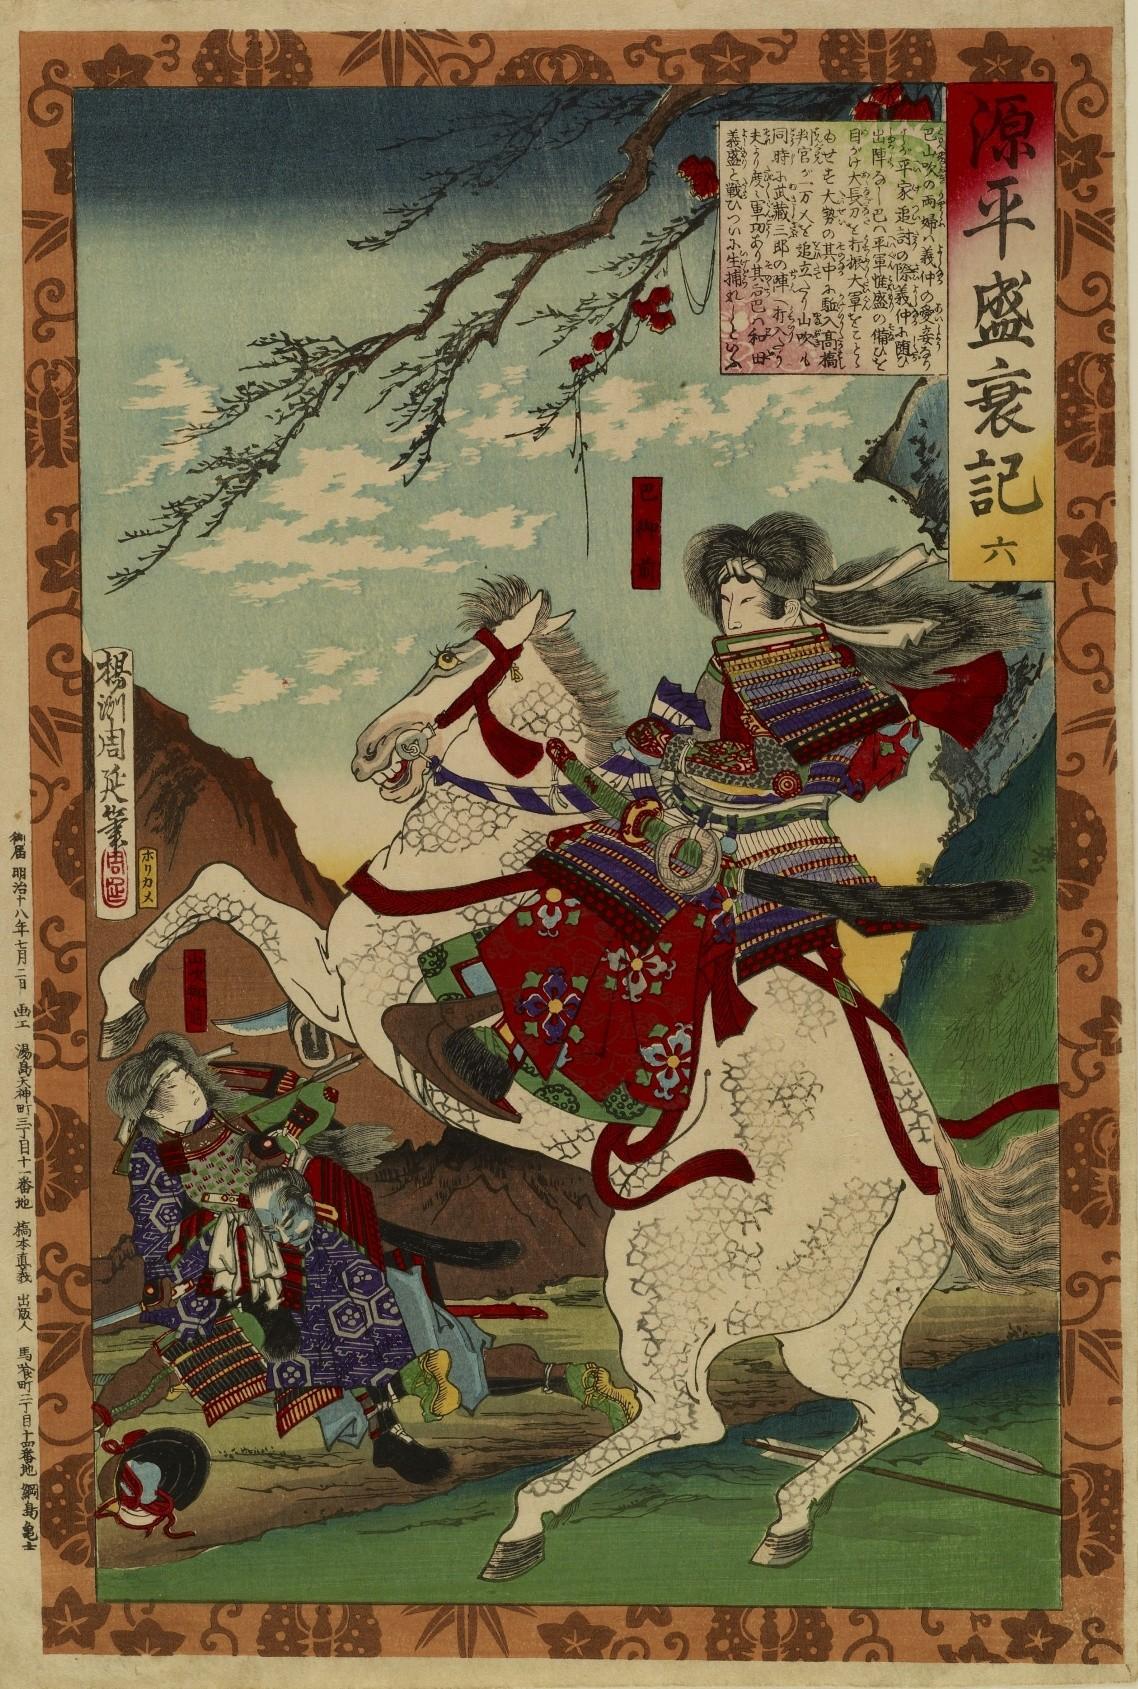 Holzschnitt von Tomoe Gozen auf einem Pferd